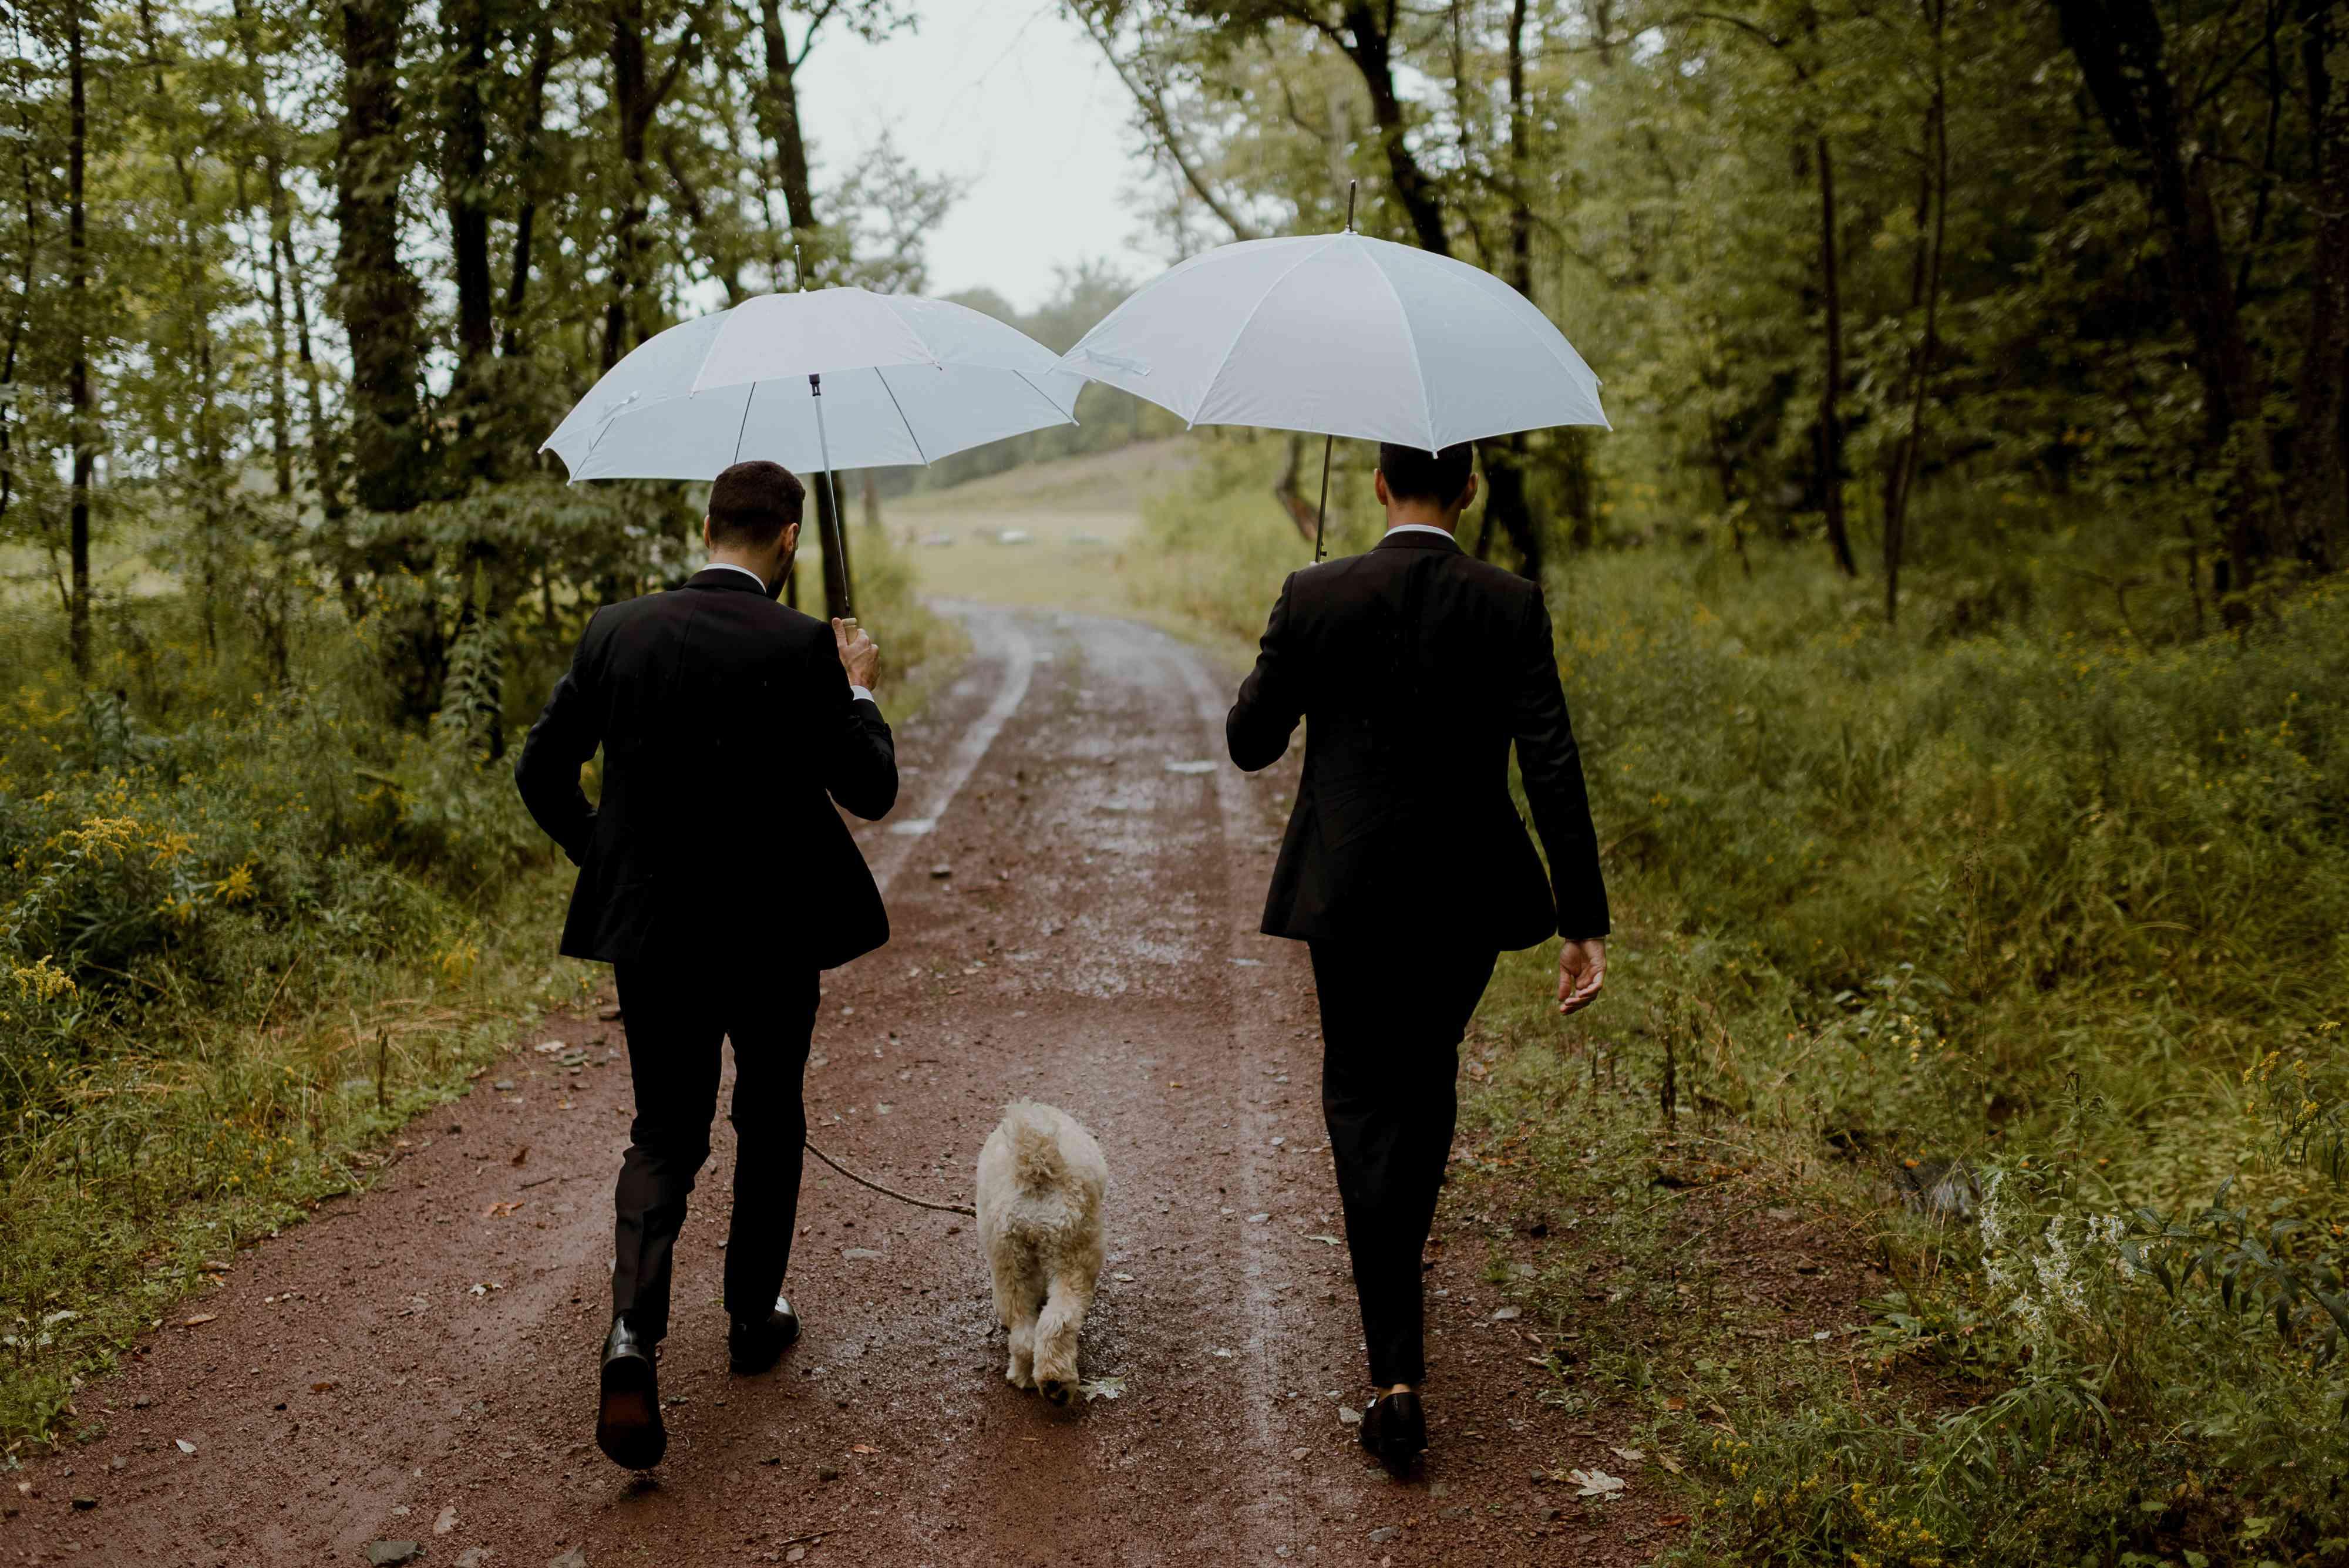 Grooms walking dog down road